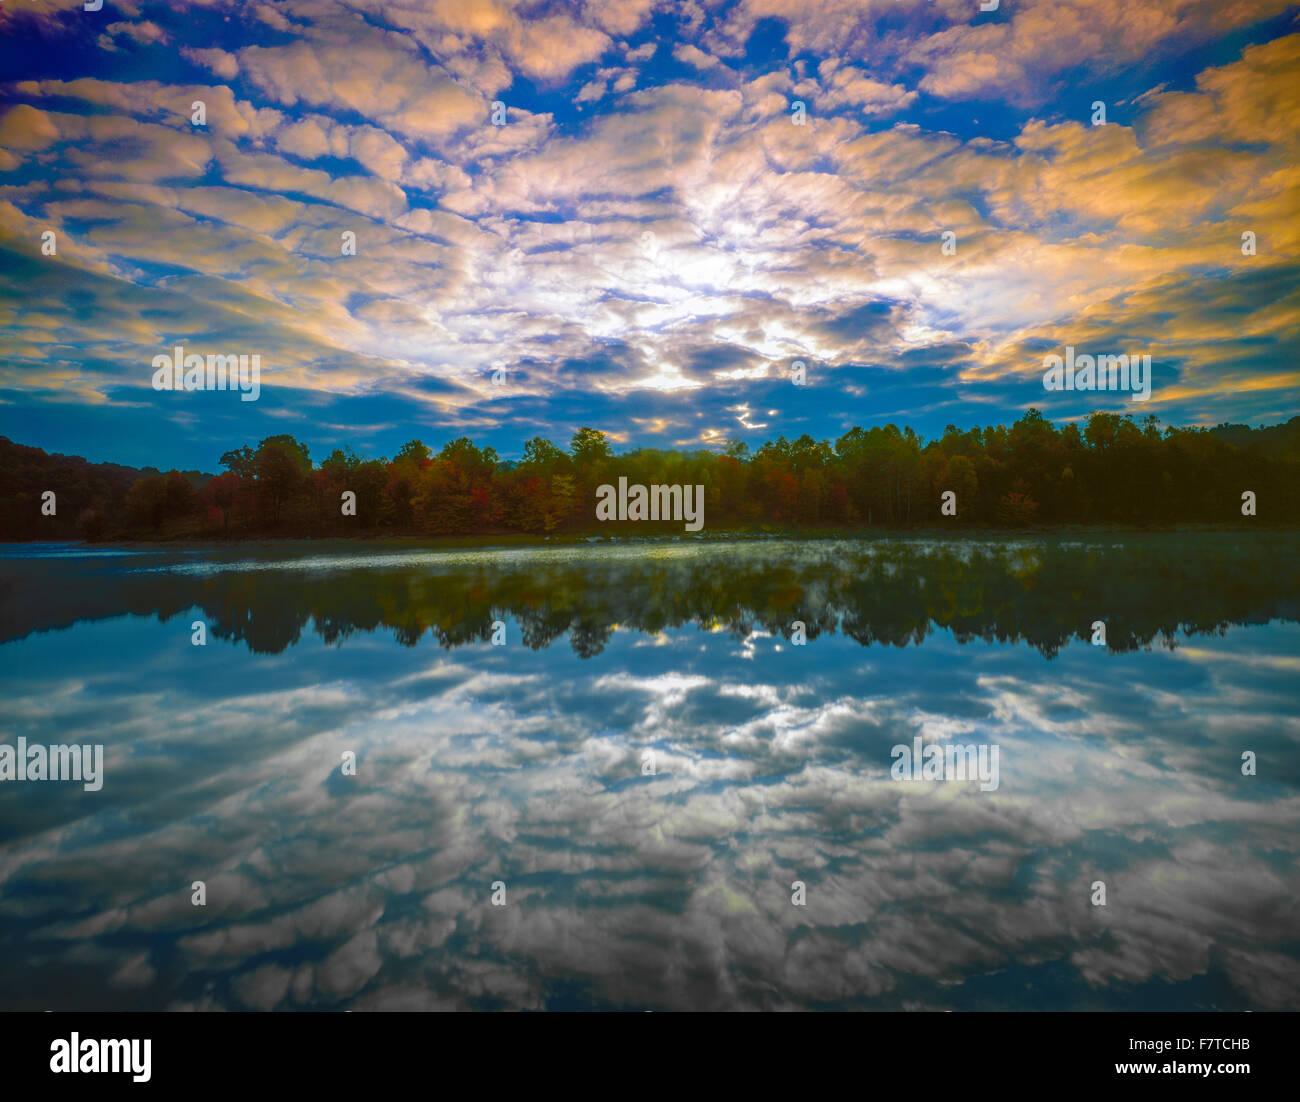 Sunrise at Grayson Lake, Grayson Lake State Park, Kentucky, Appalachian Mountains - Stock Image